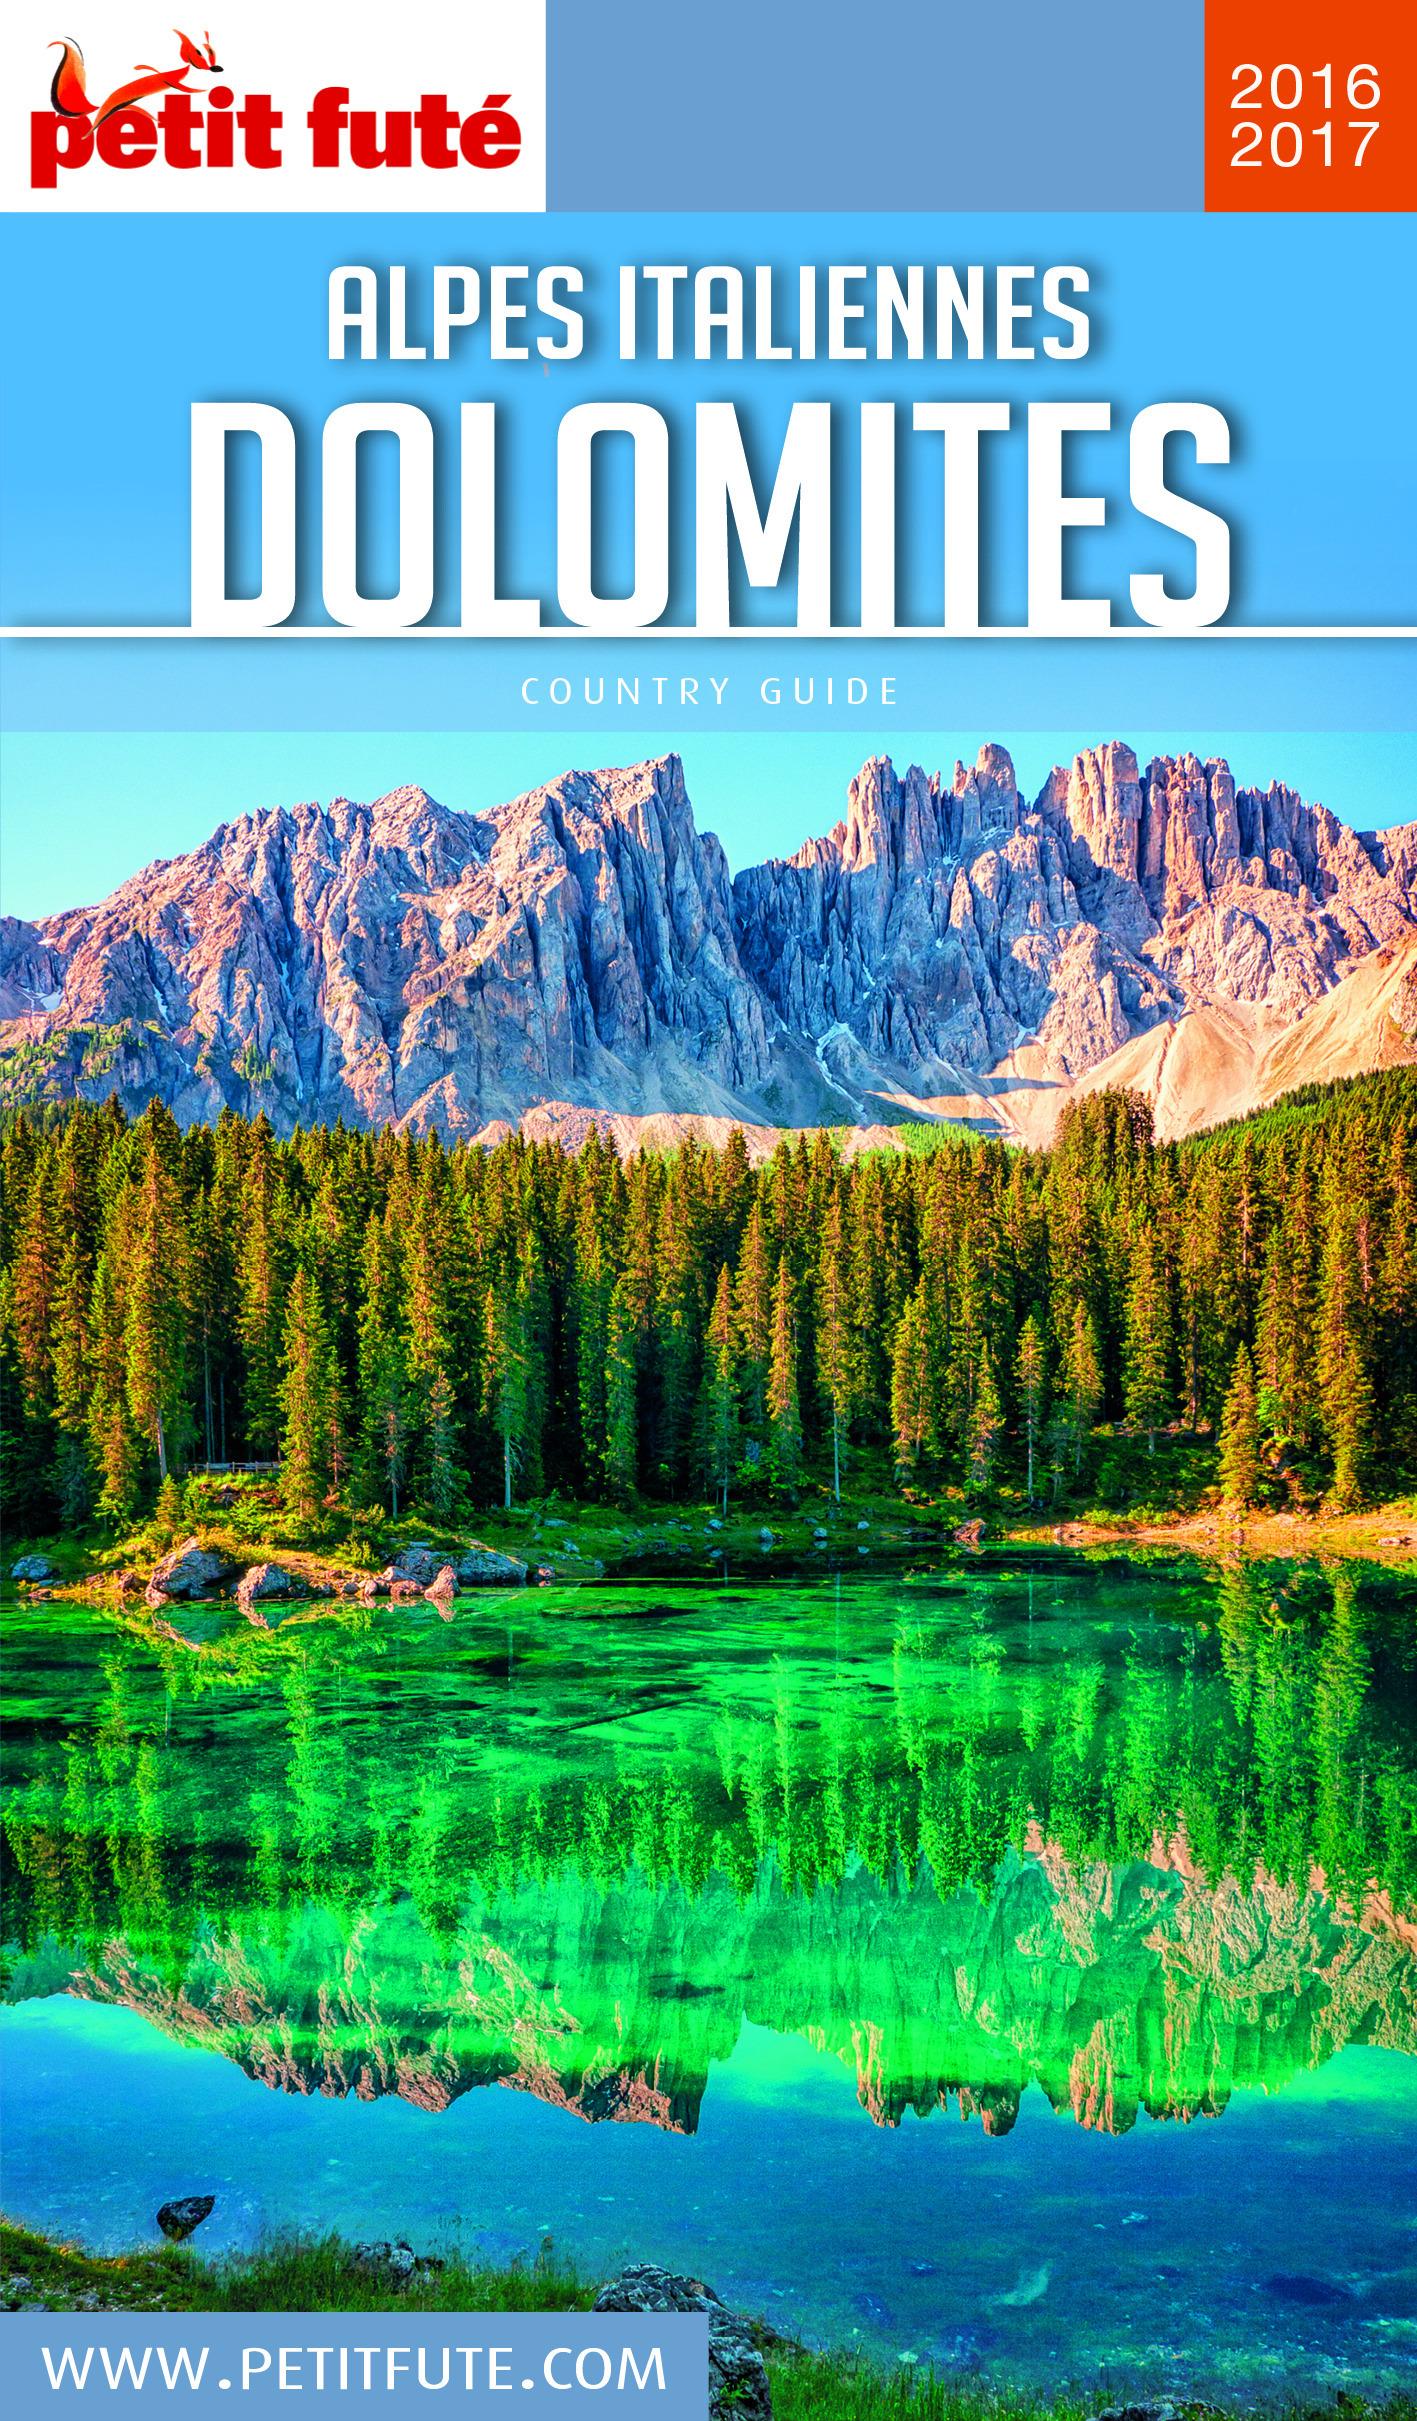 Alpes italiennes et Dolomites (édition 2016-2017)